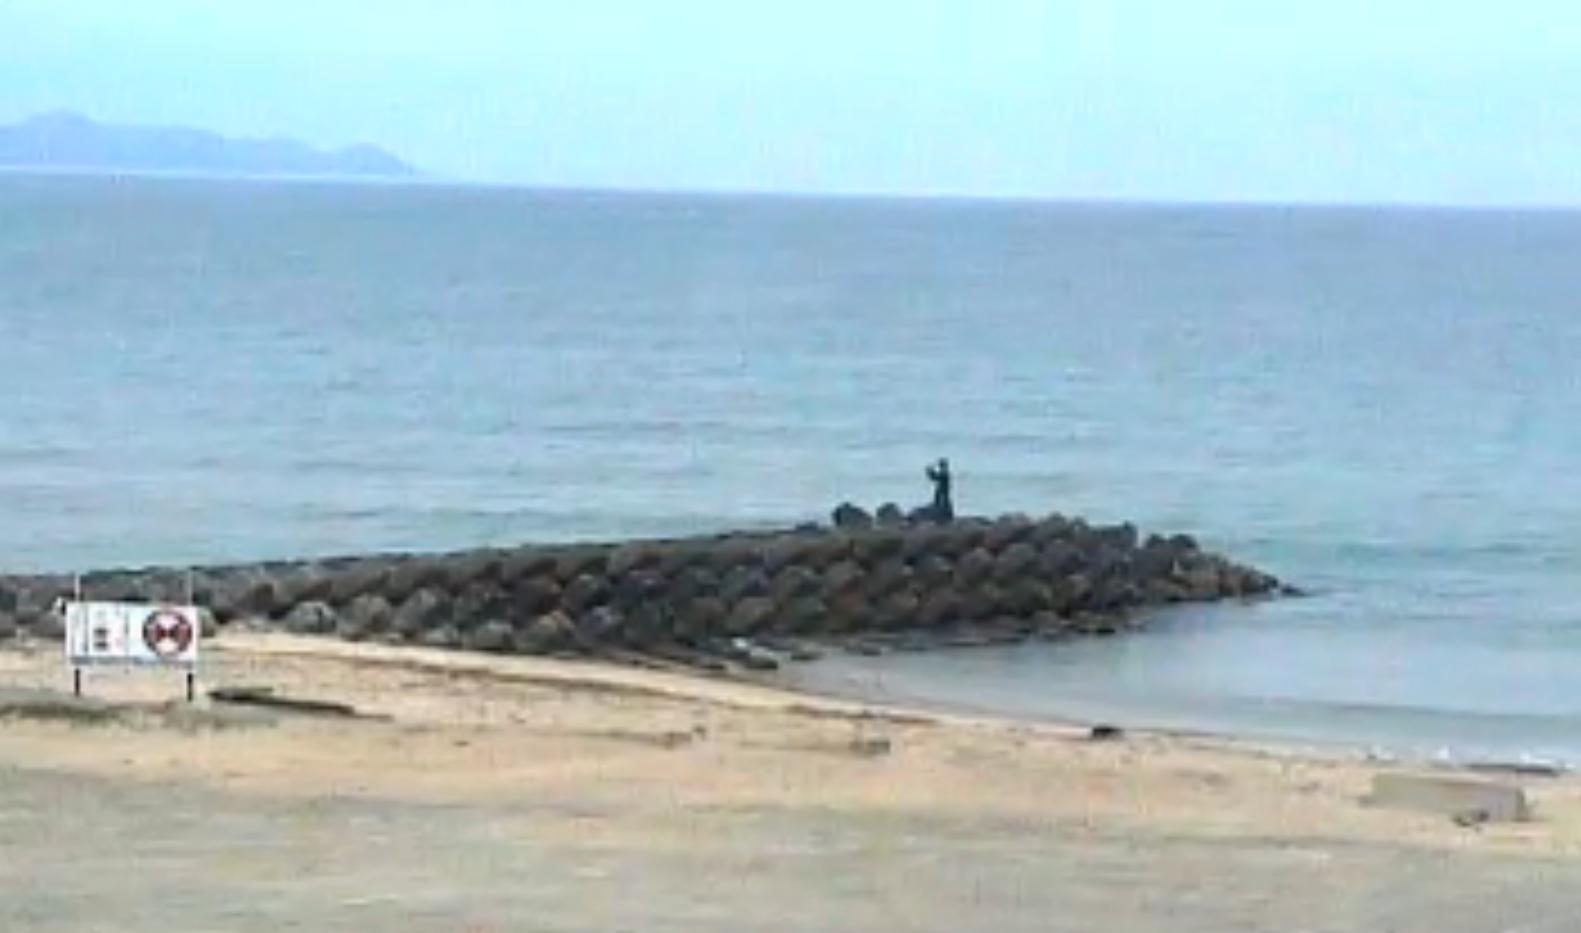 iinami釣川北斗の水汲み海浜公園ライブカメラ(福岡県宗像市神湊)